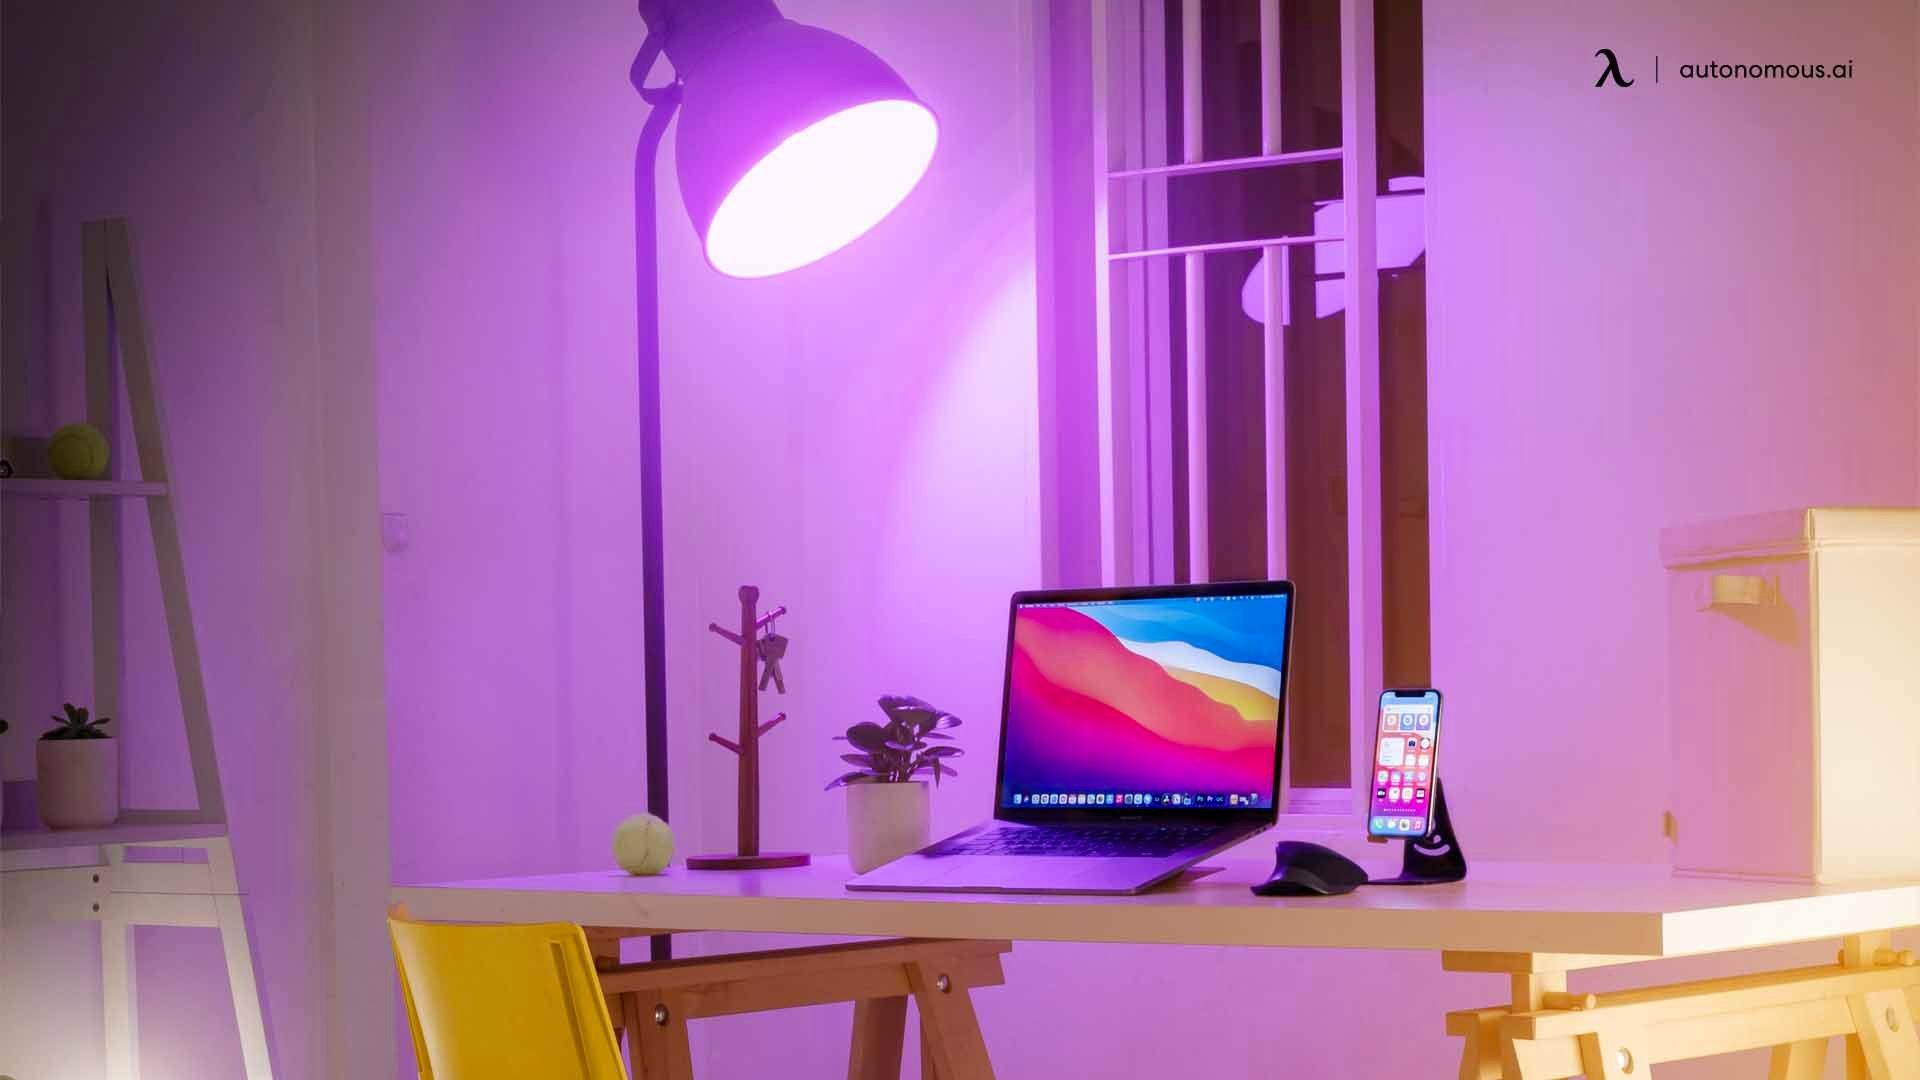 Work Desk Decoration Ideas for Making Work Fun